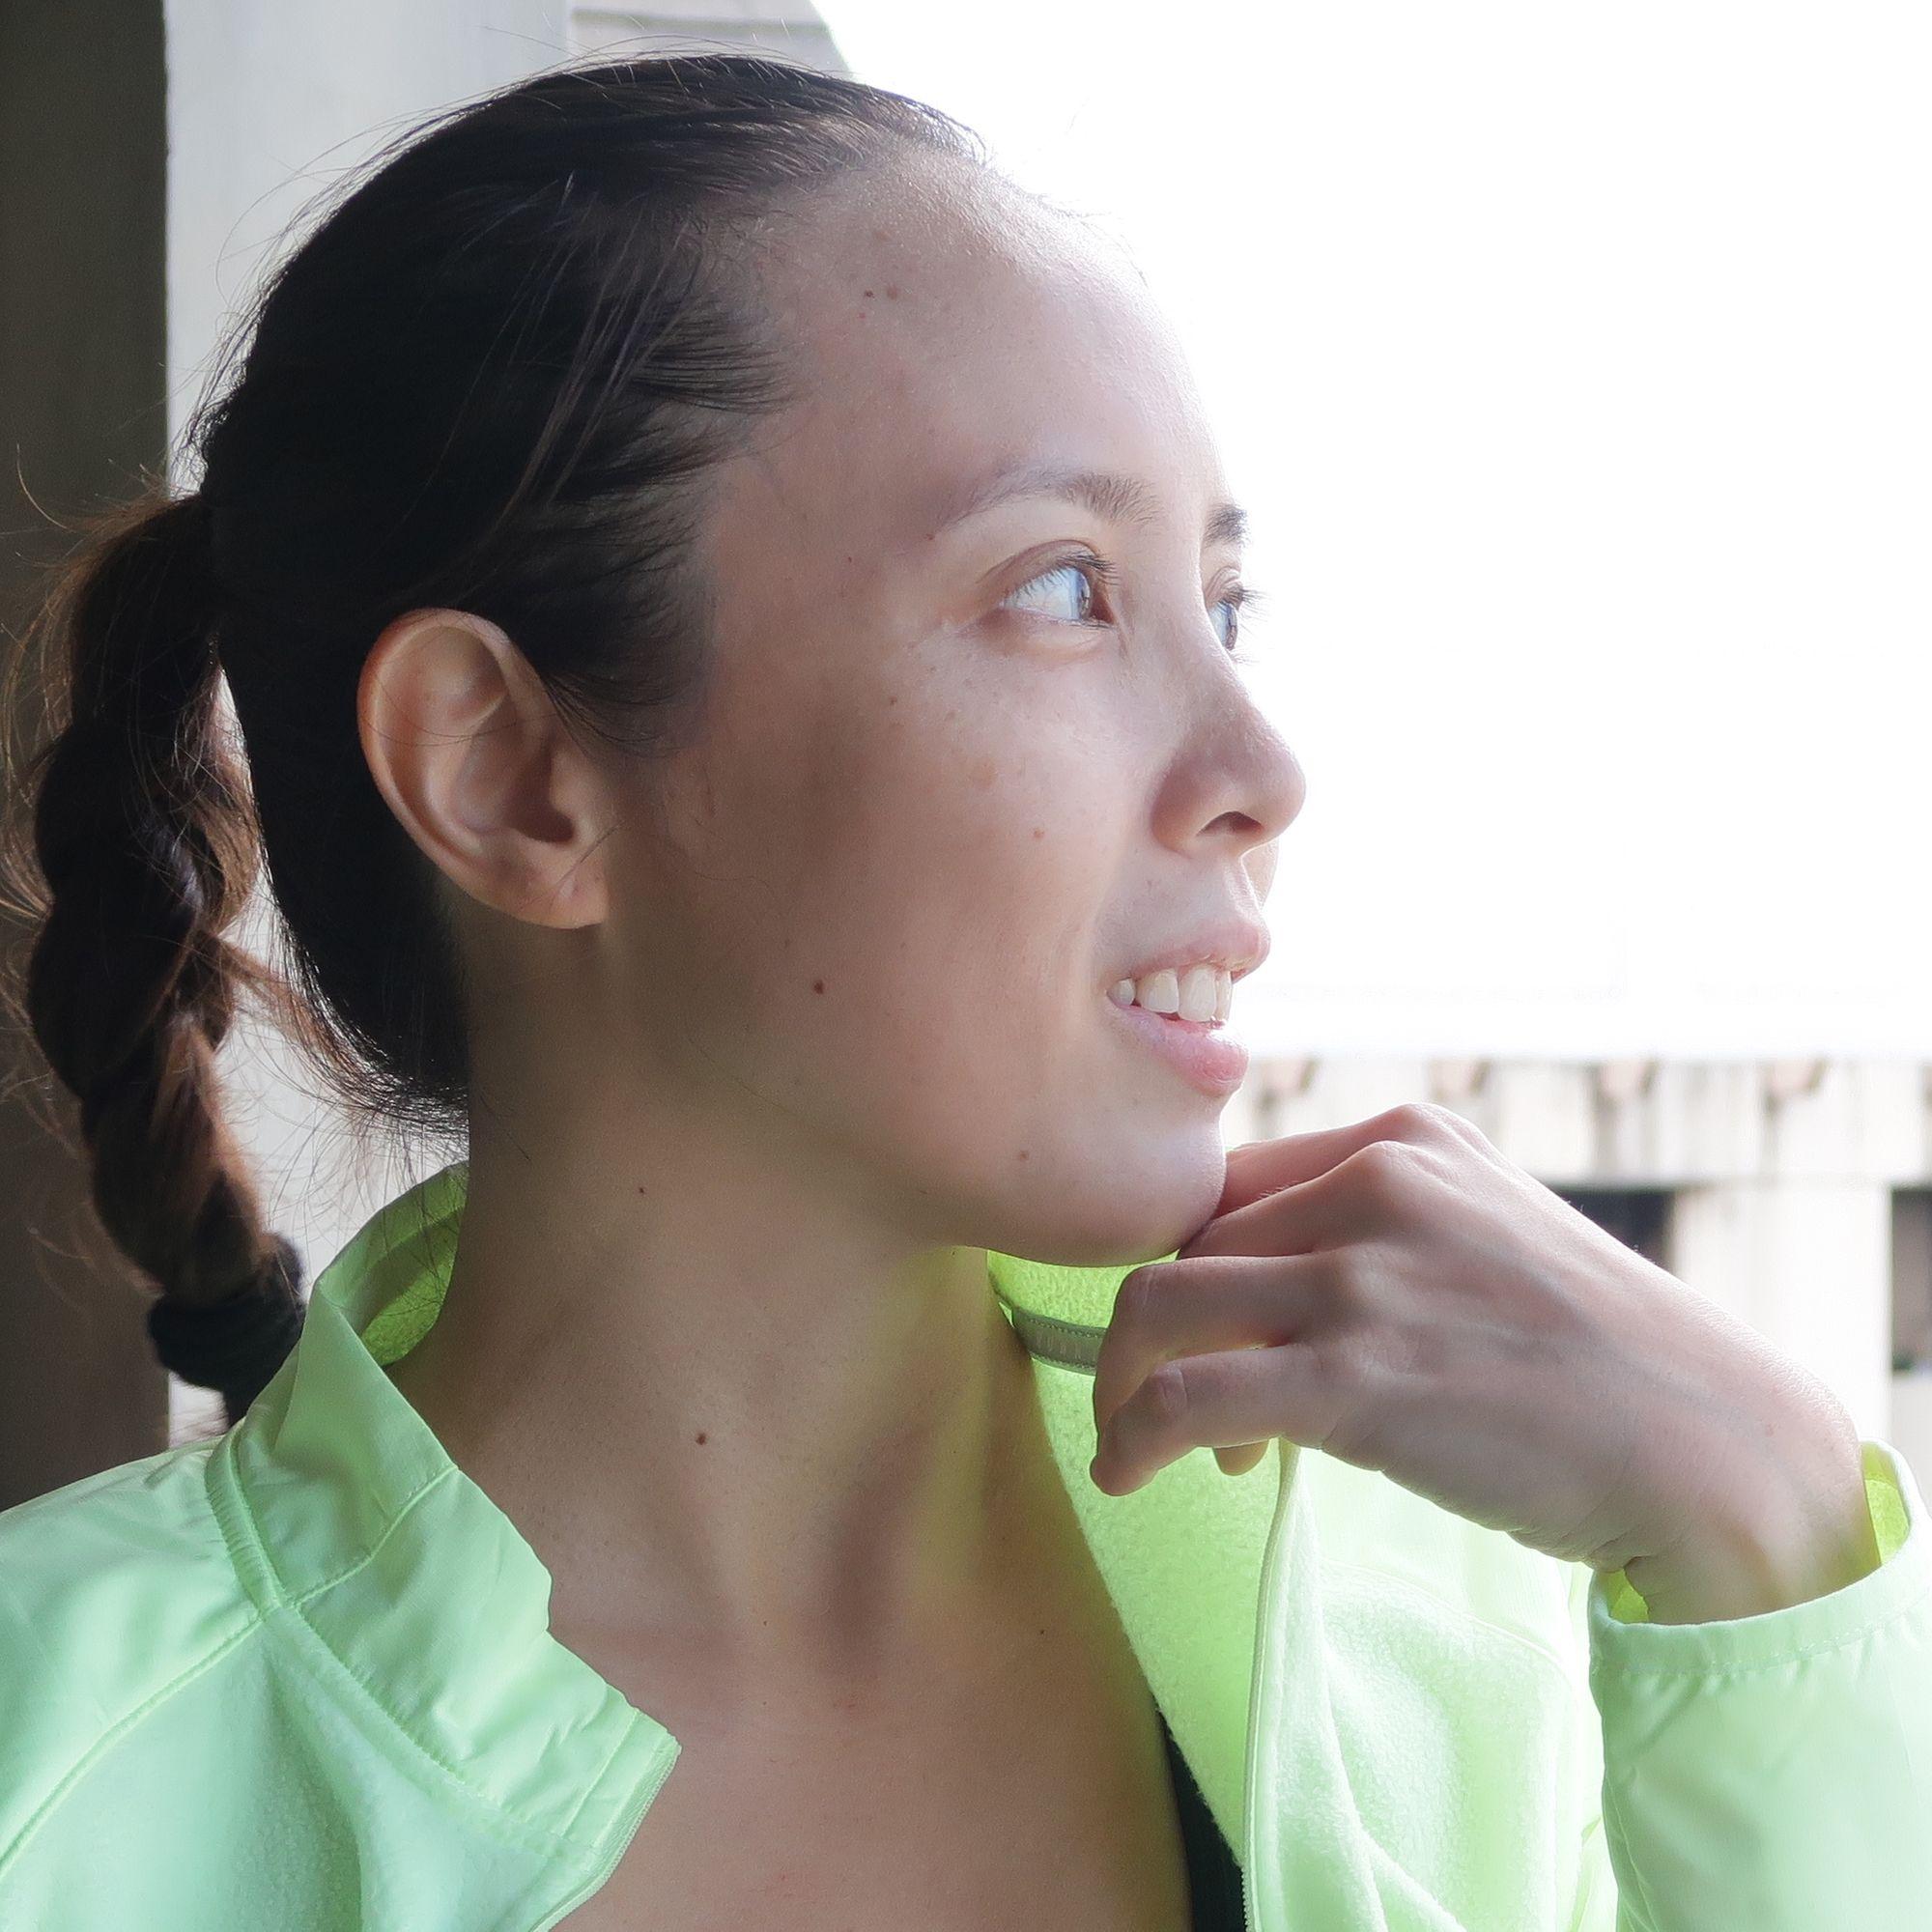 Noelle De Guzman